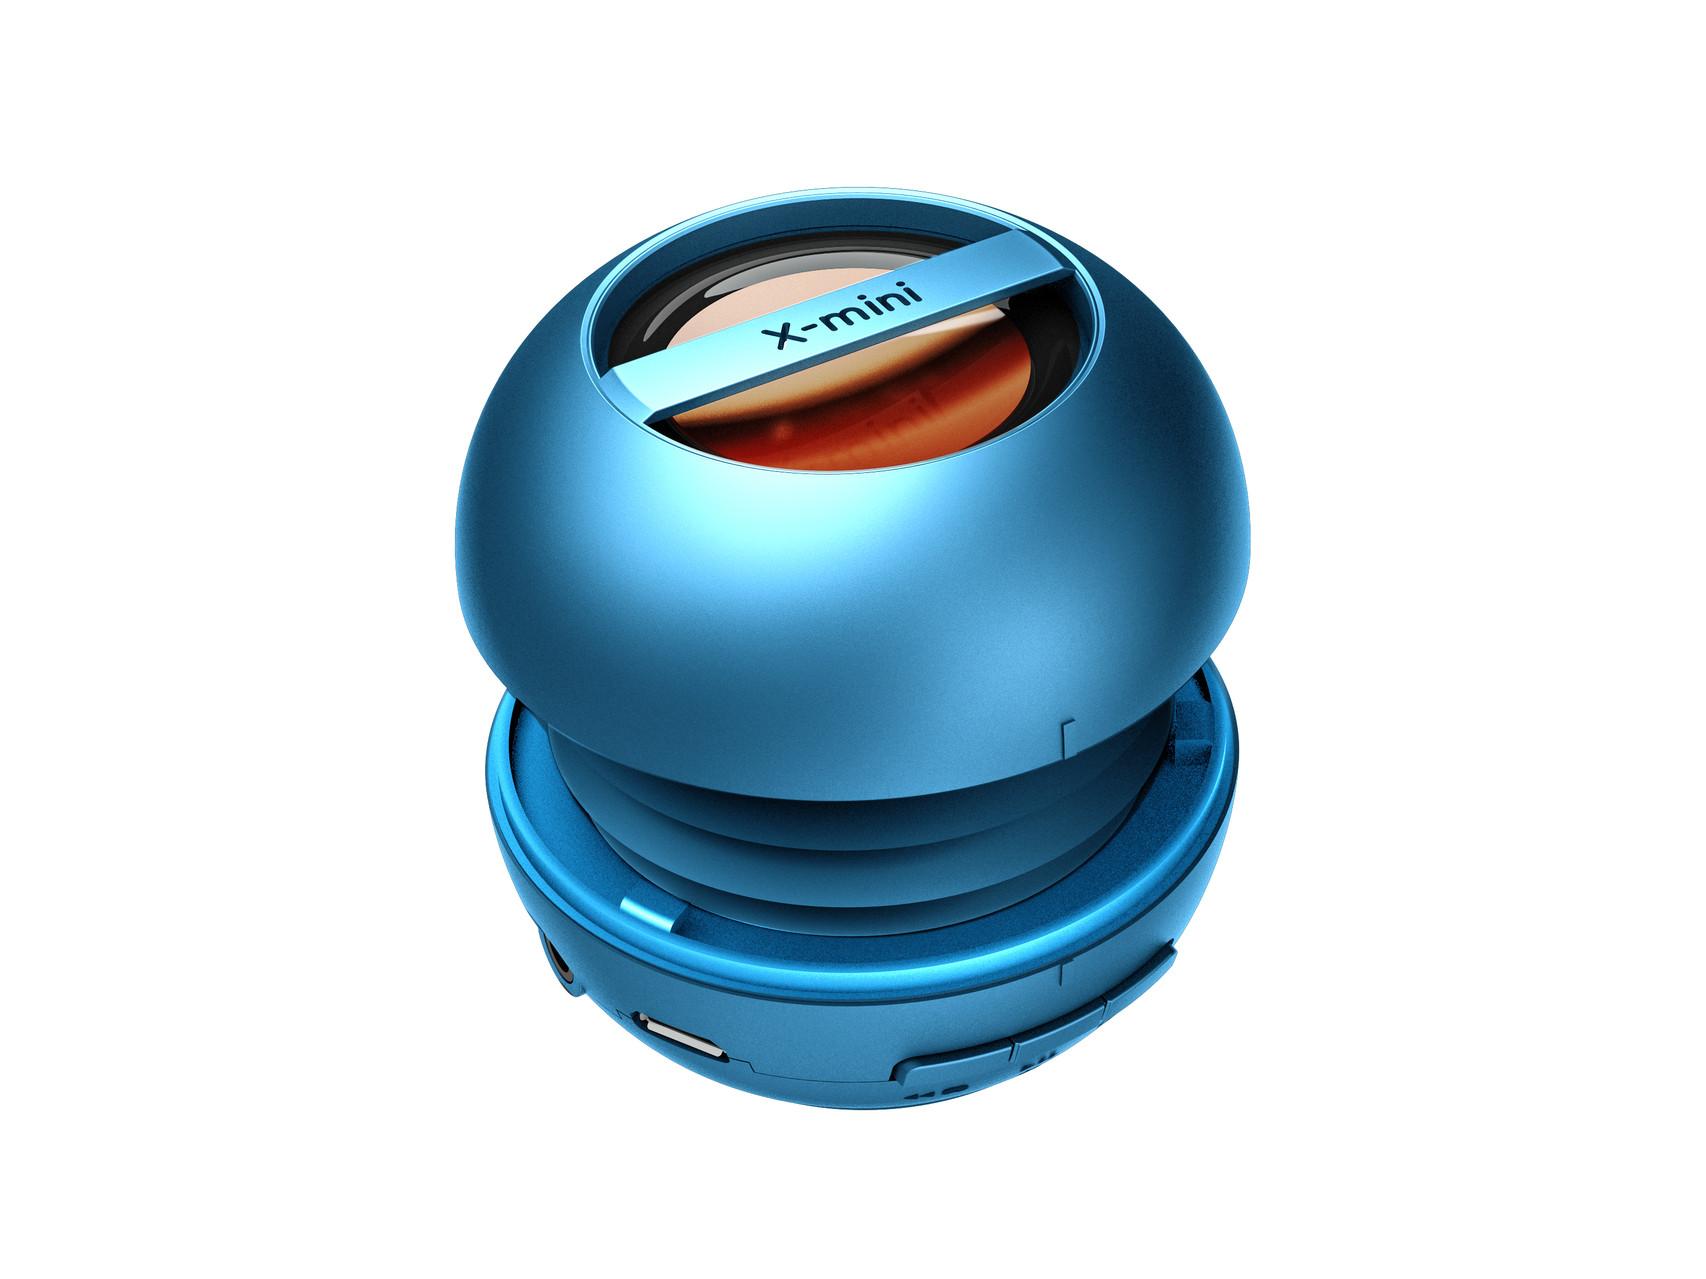 X-mini KAI 2 Capsule Speaker